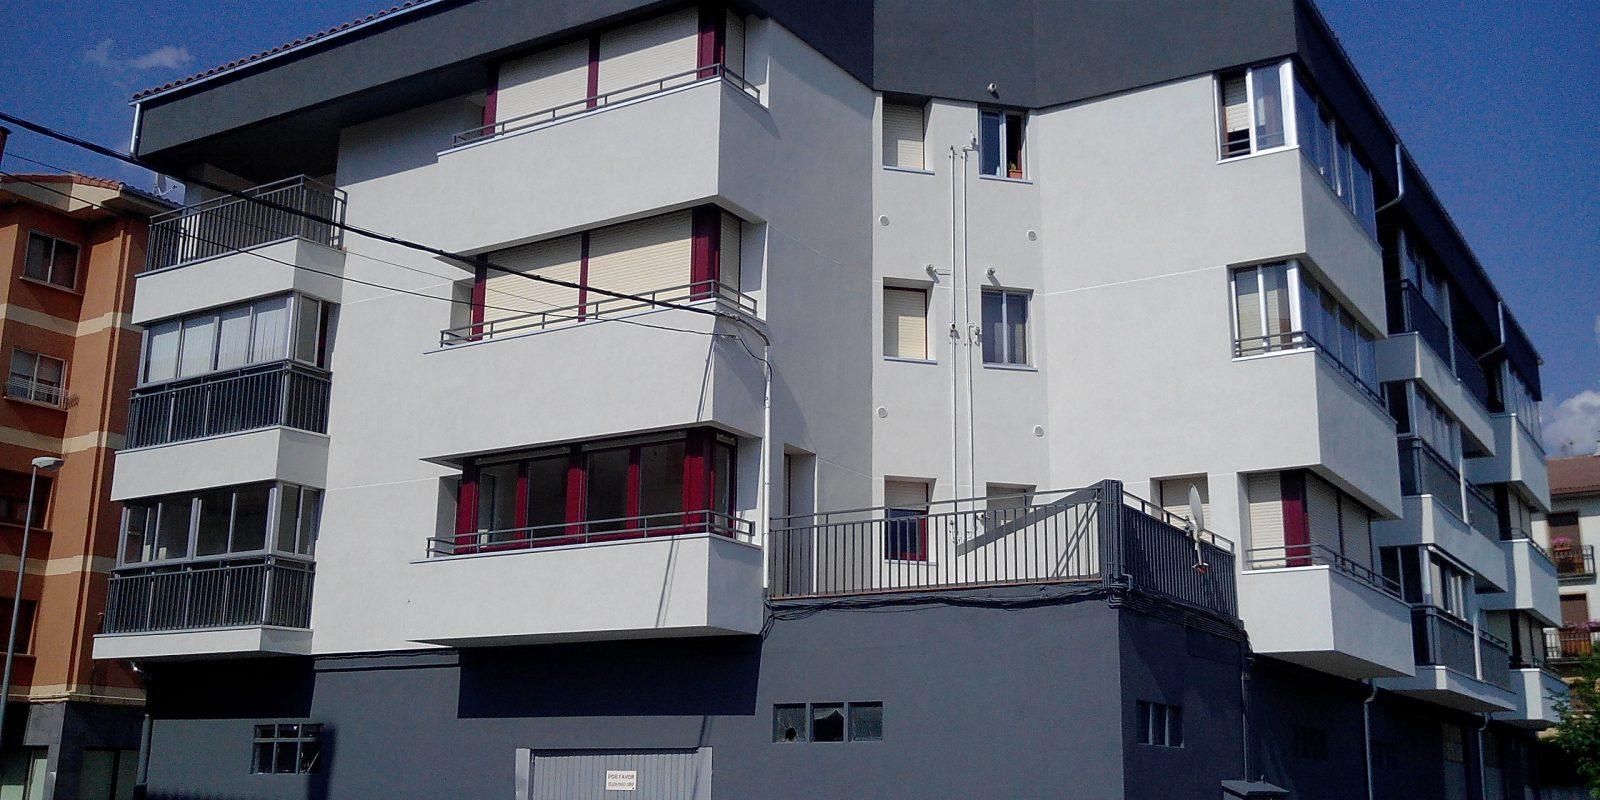 Edificio Arkuetabide 1-3, Etxarri Aranatz